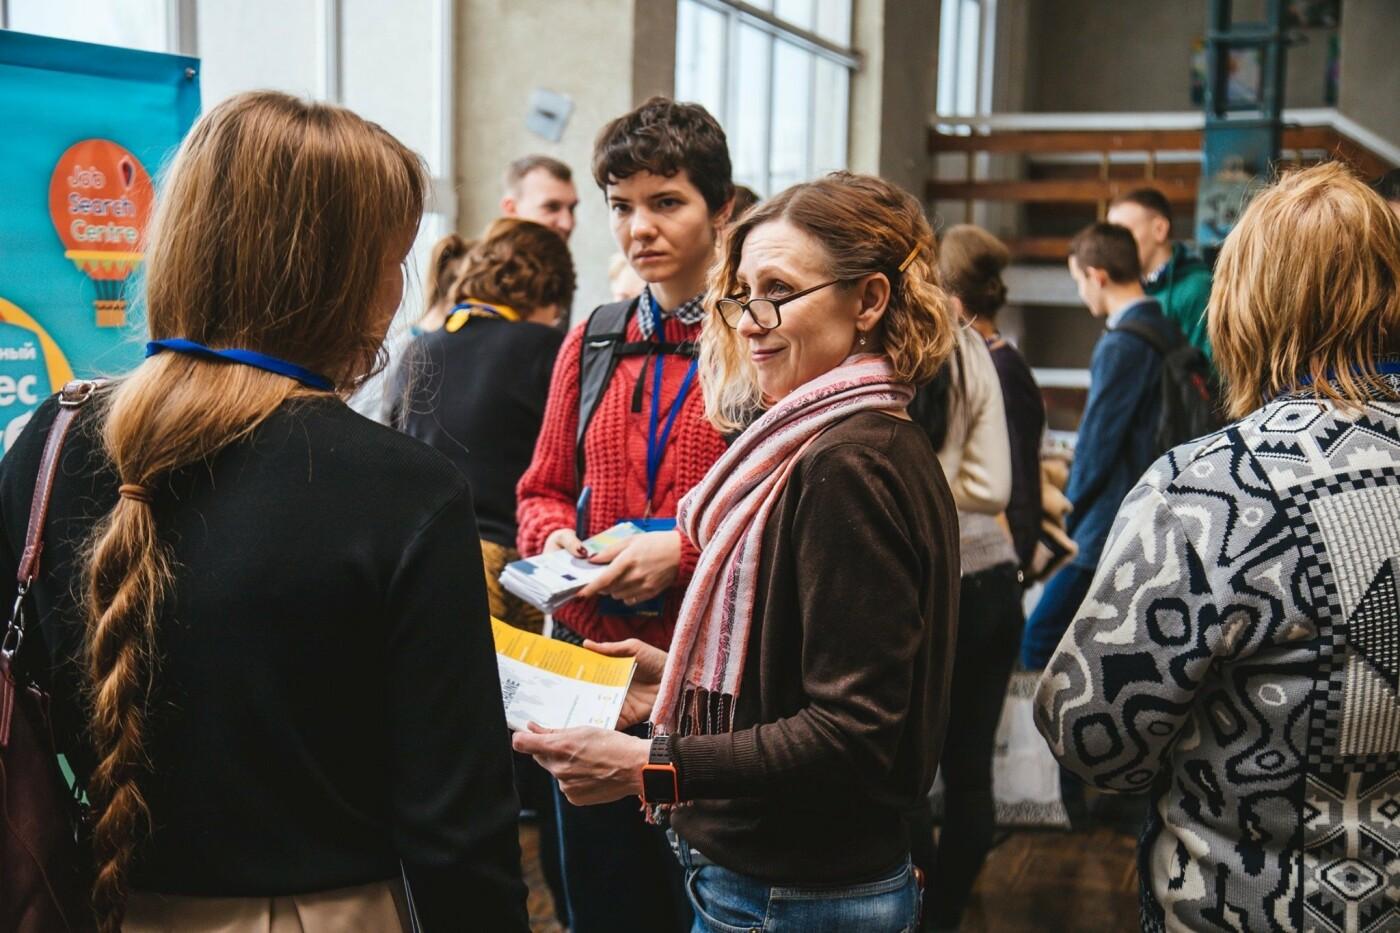 Дружківка: На Форумі місцевого розвитку пройшли плідні дискусії про майбутнє міста та громади (ФОТО), фото-20